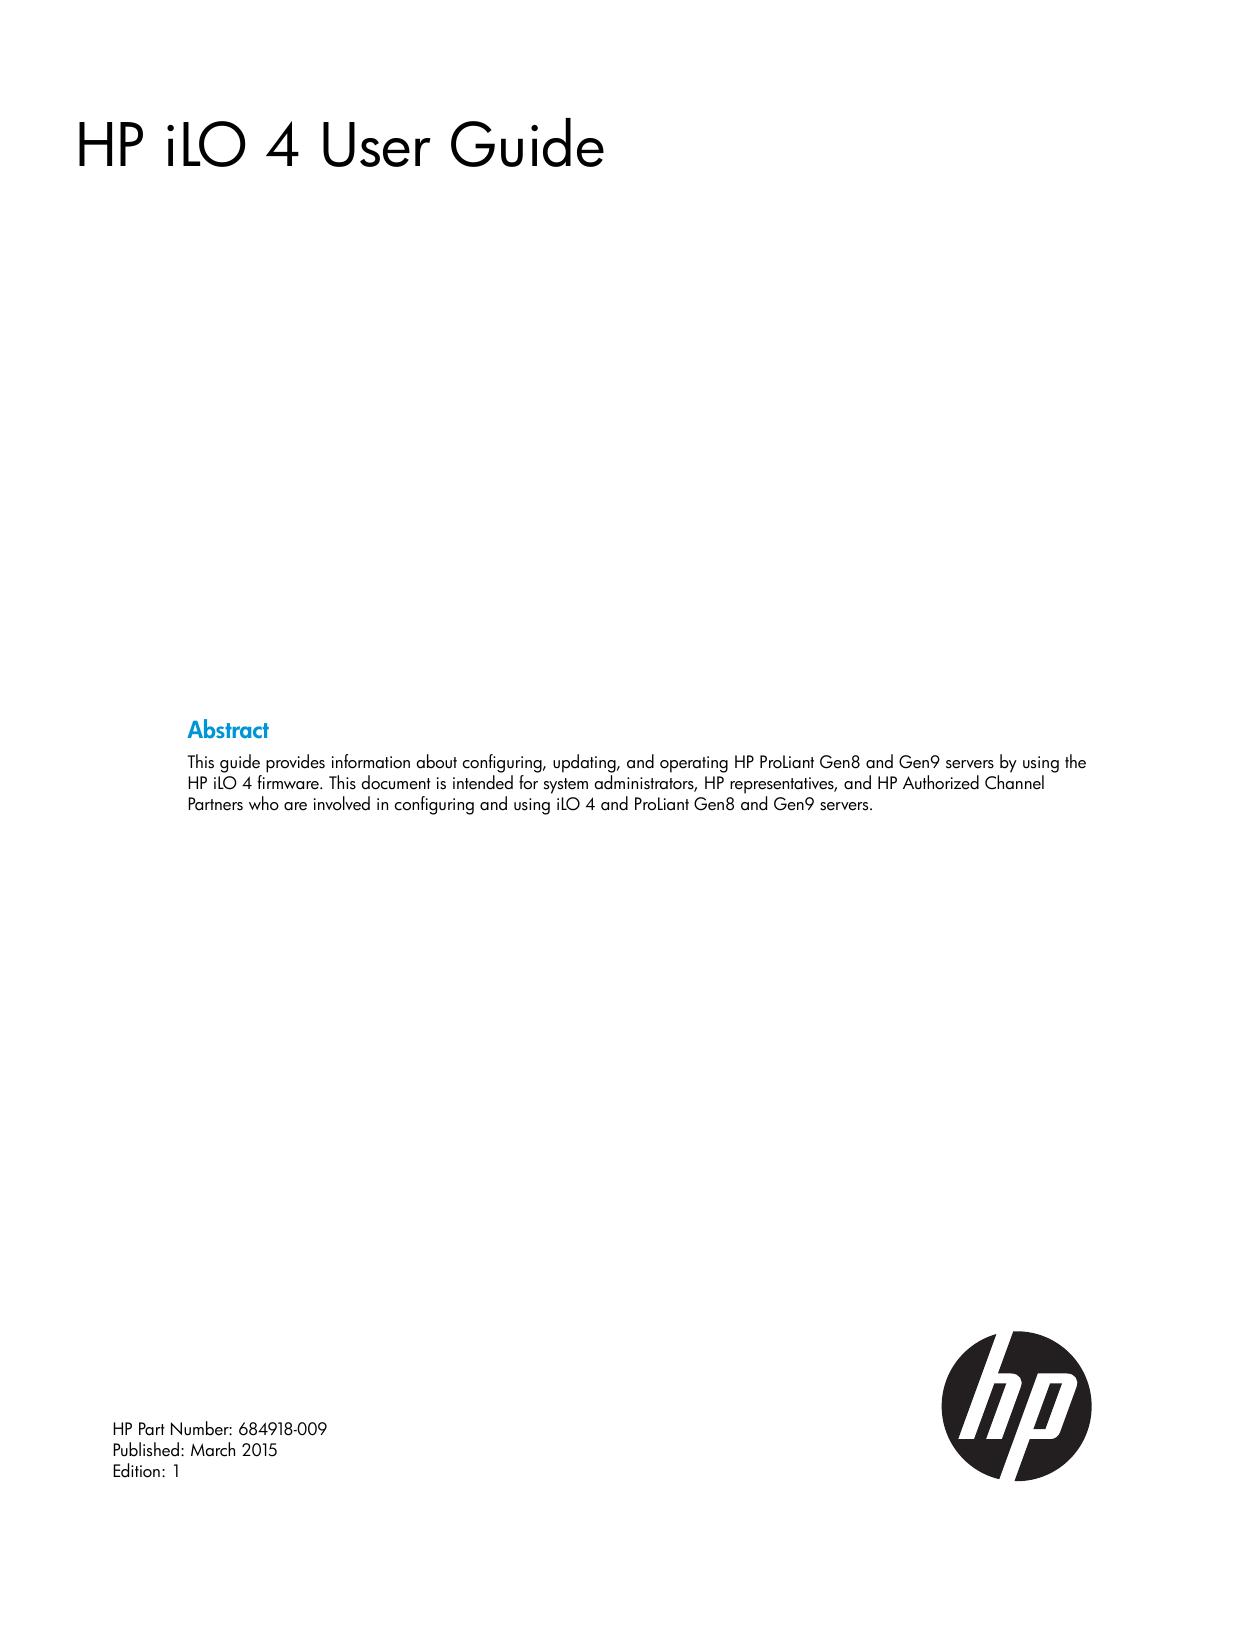 HP iLO 4 User Guide | manualzz com